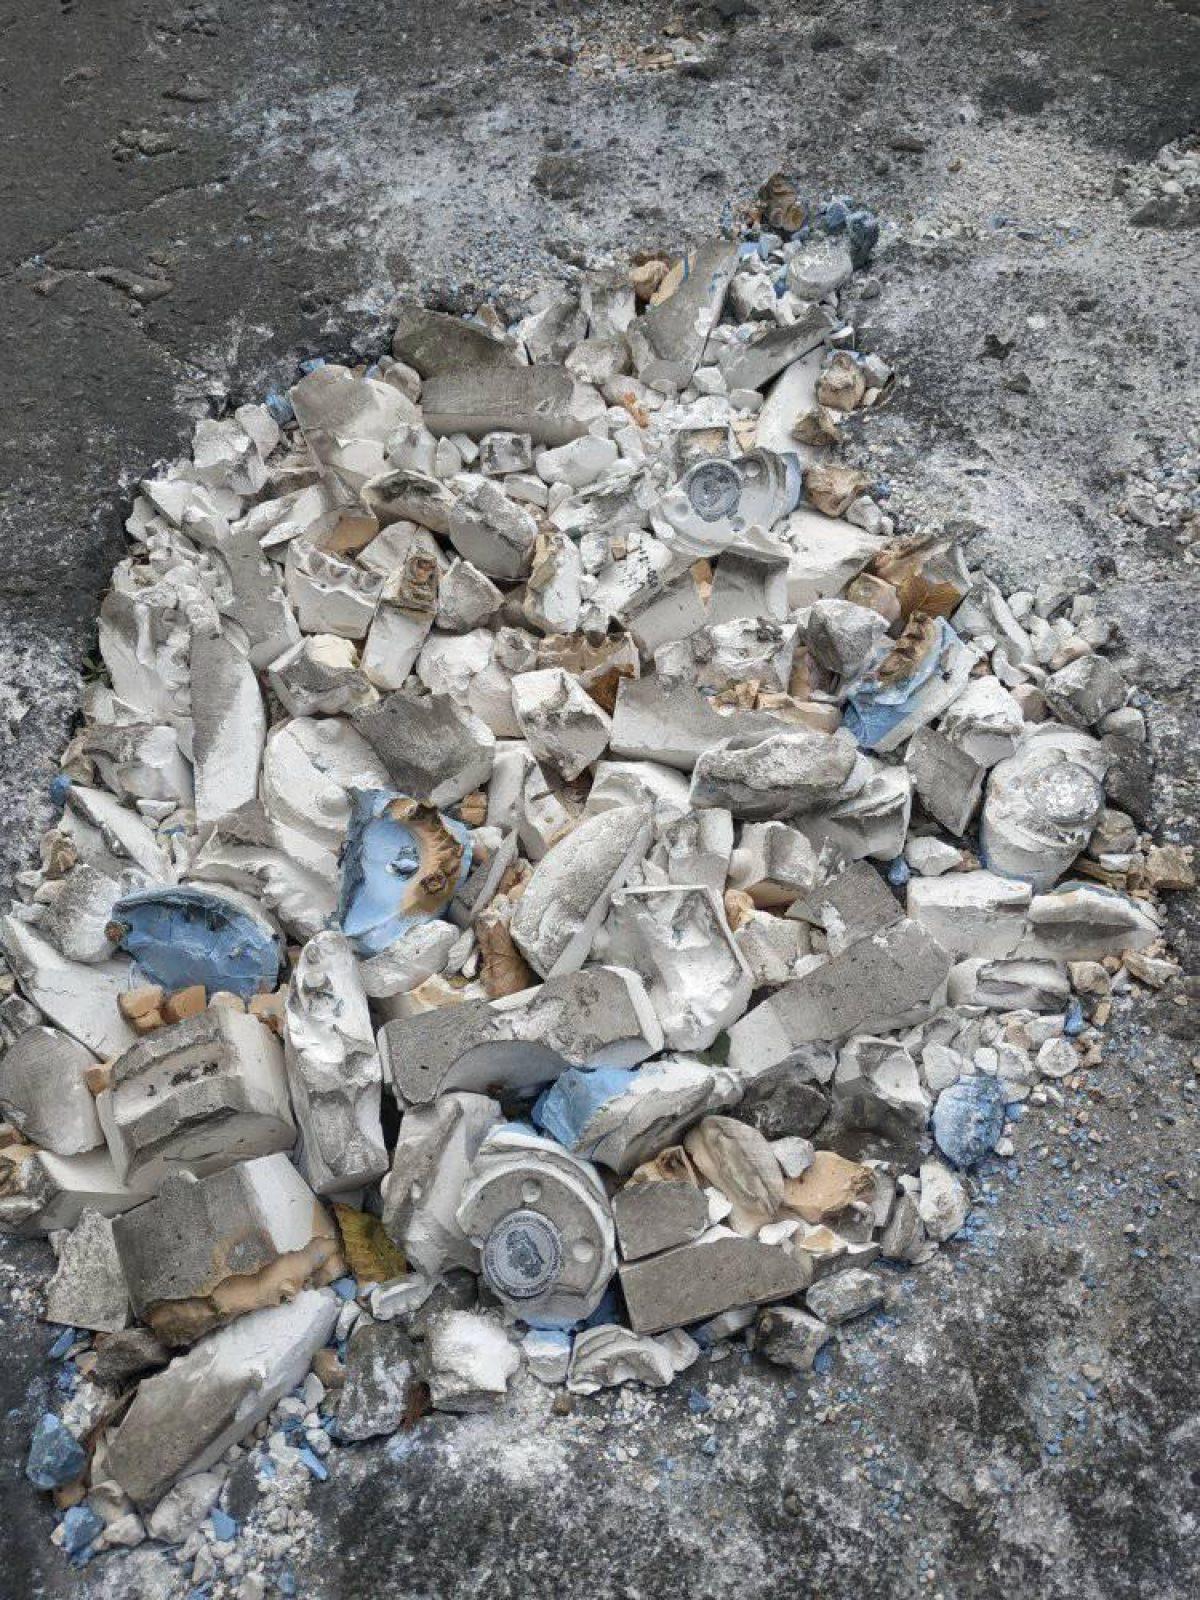 В Луганской области дорожную яму заделали слепками челюстей (фото) - 1 - изображение